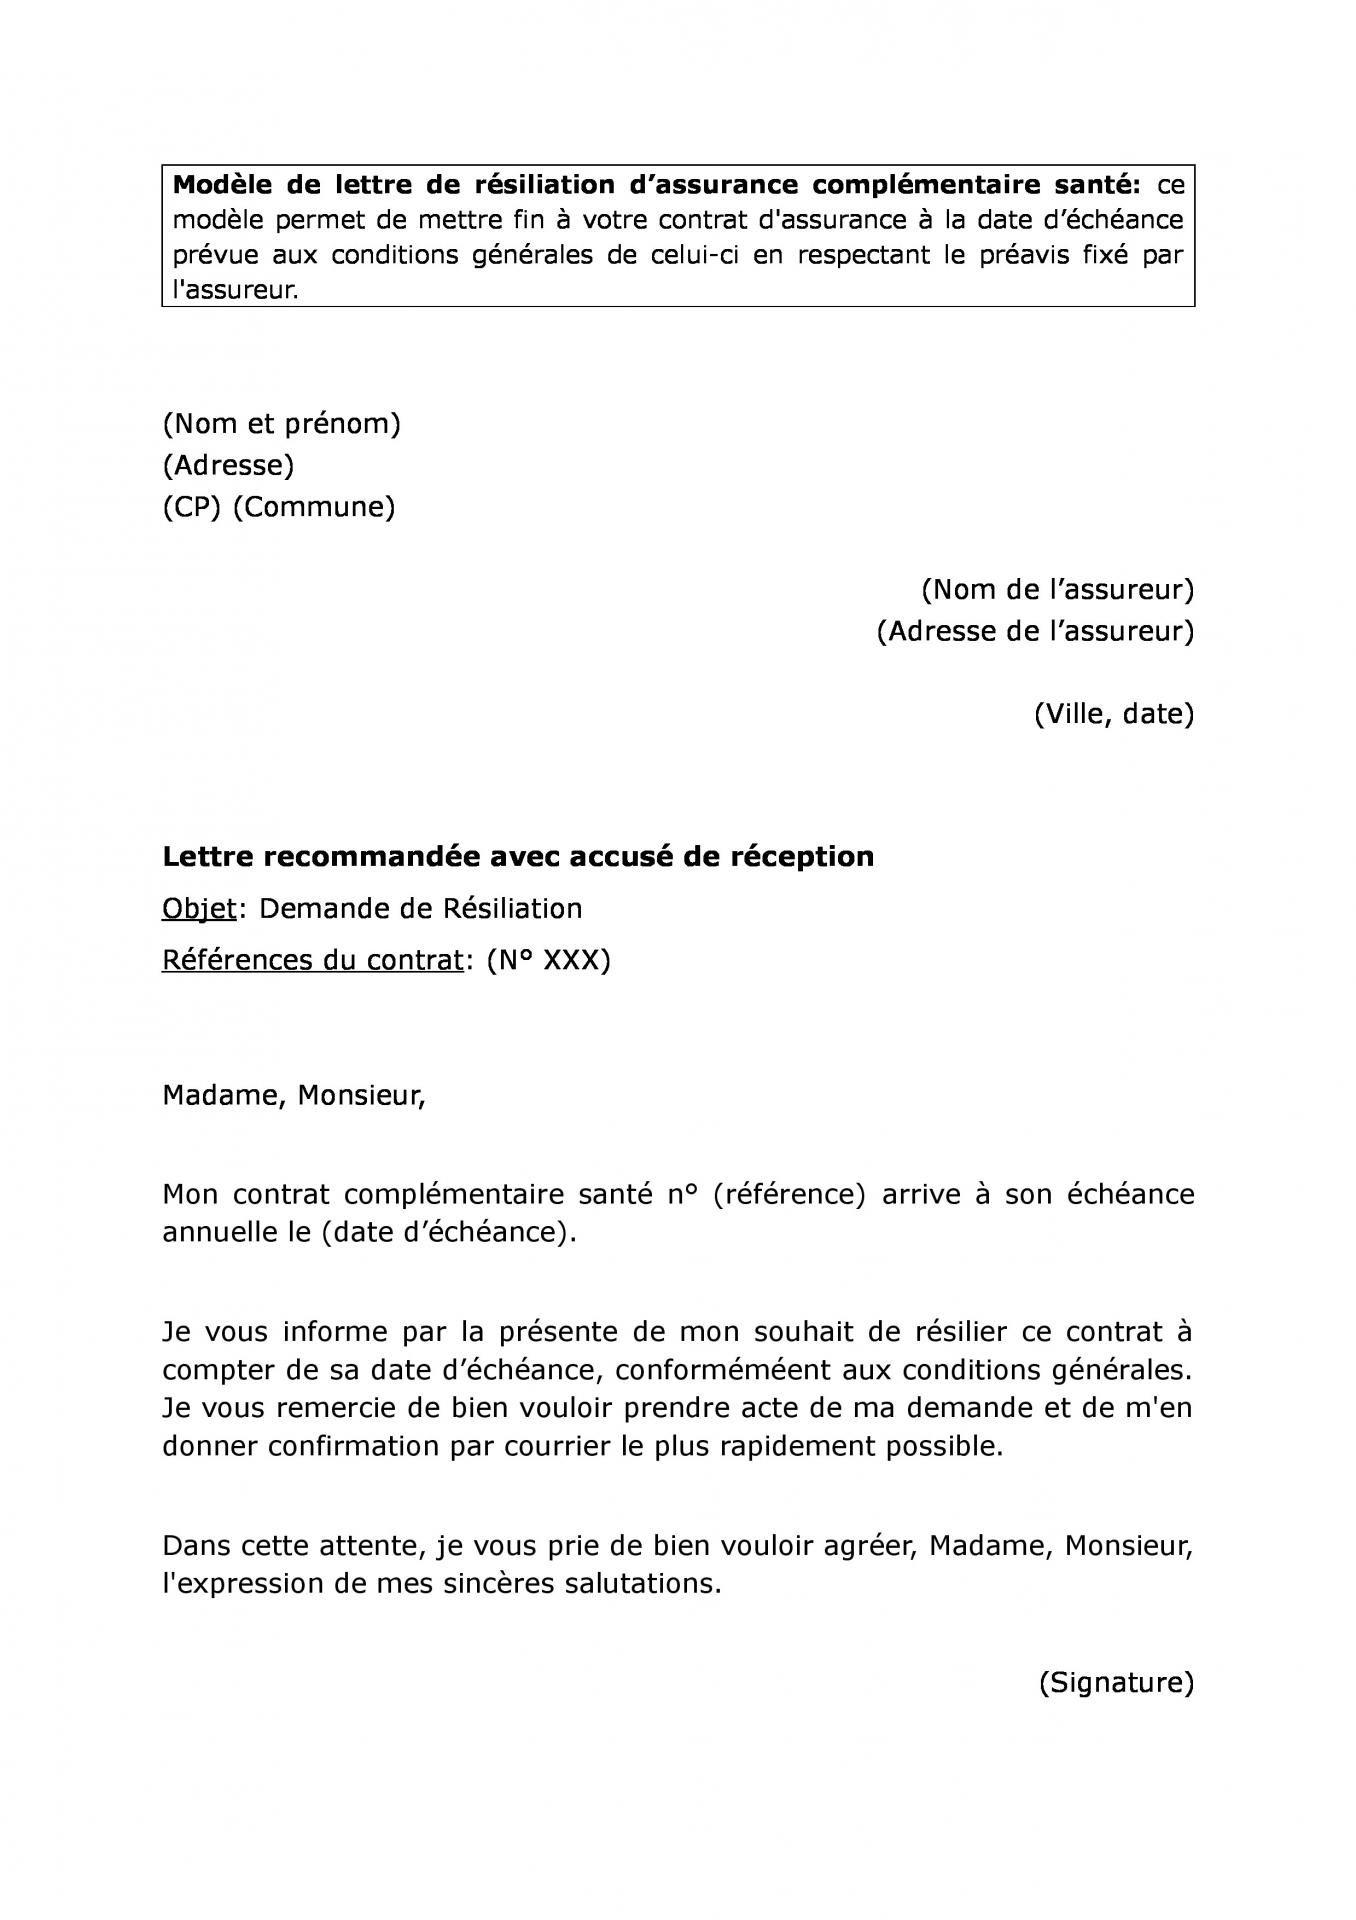 image modele de lettre de resiliation loi chatel modele cv